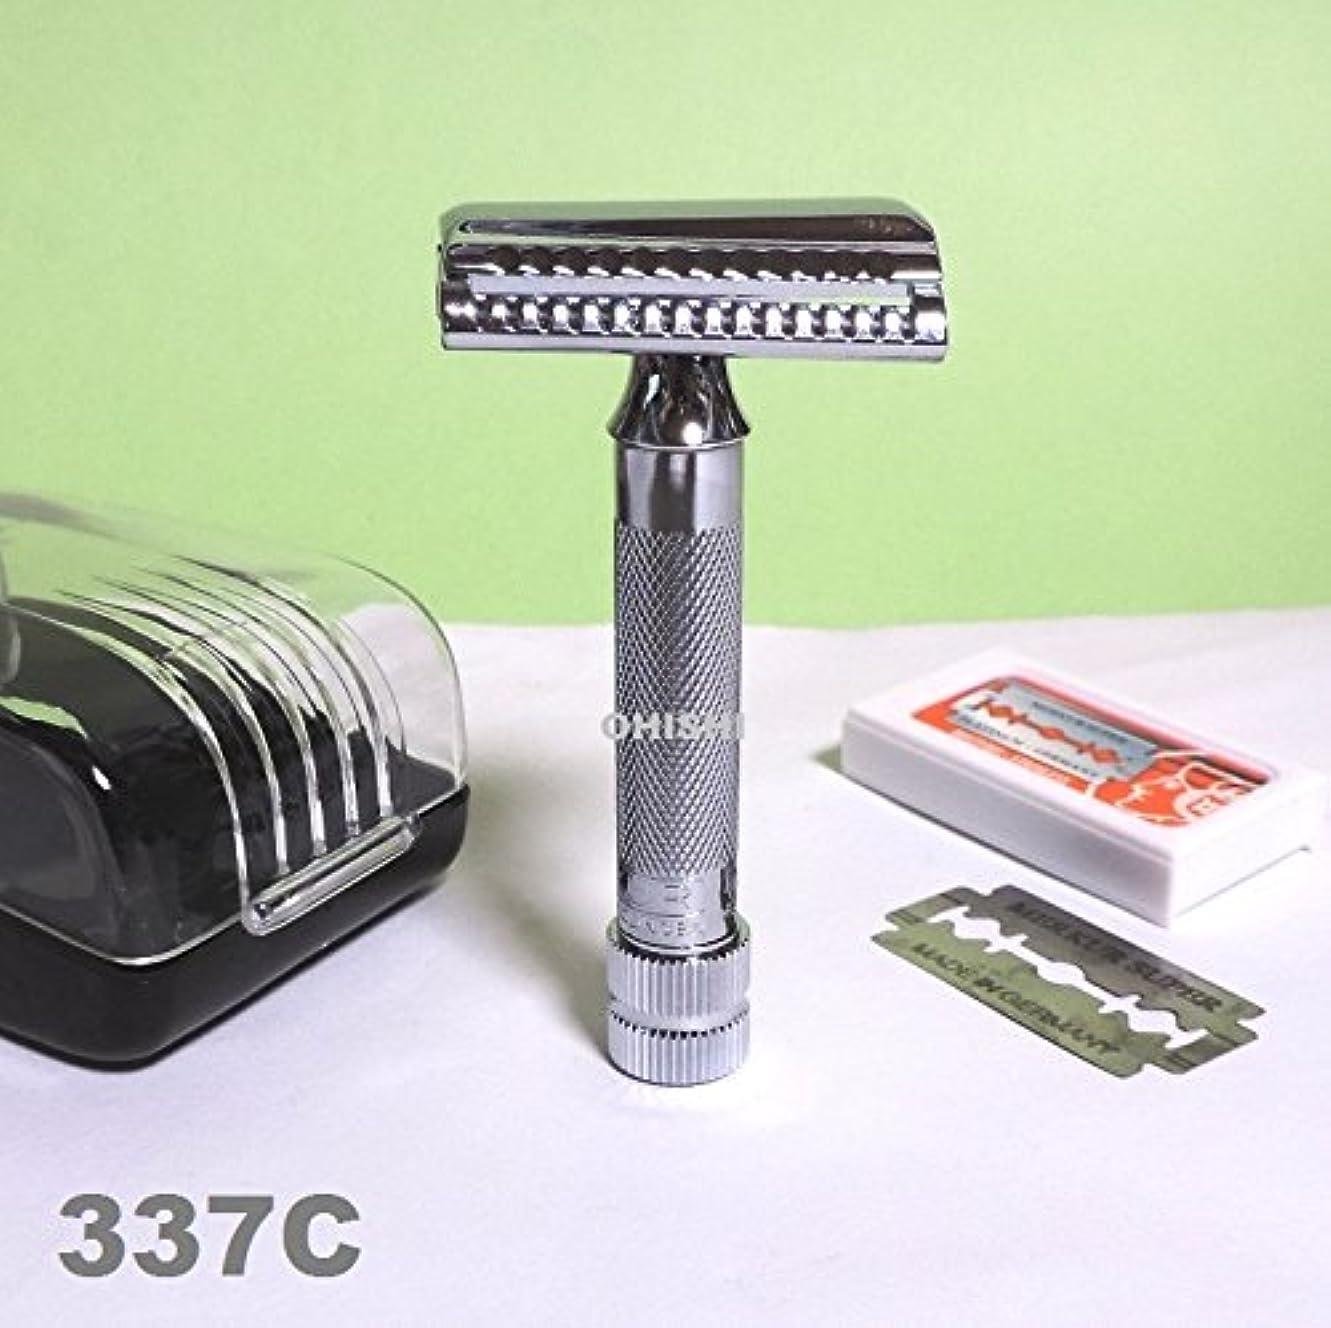 に付けるカメラ利用可能メルクールMERKUR(独)髭剃り(ひげそり)両刃ホルダー ツイストヘッド337C (替刃11枚付)プラケース入